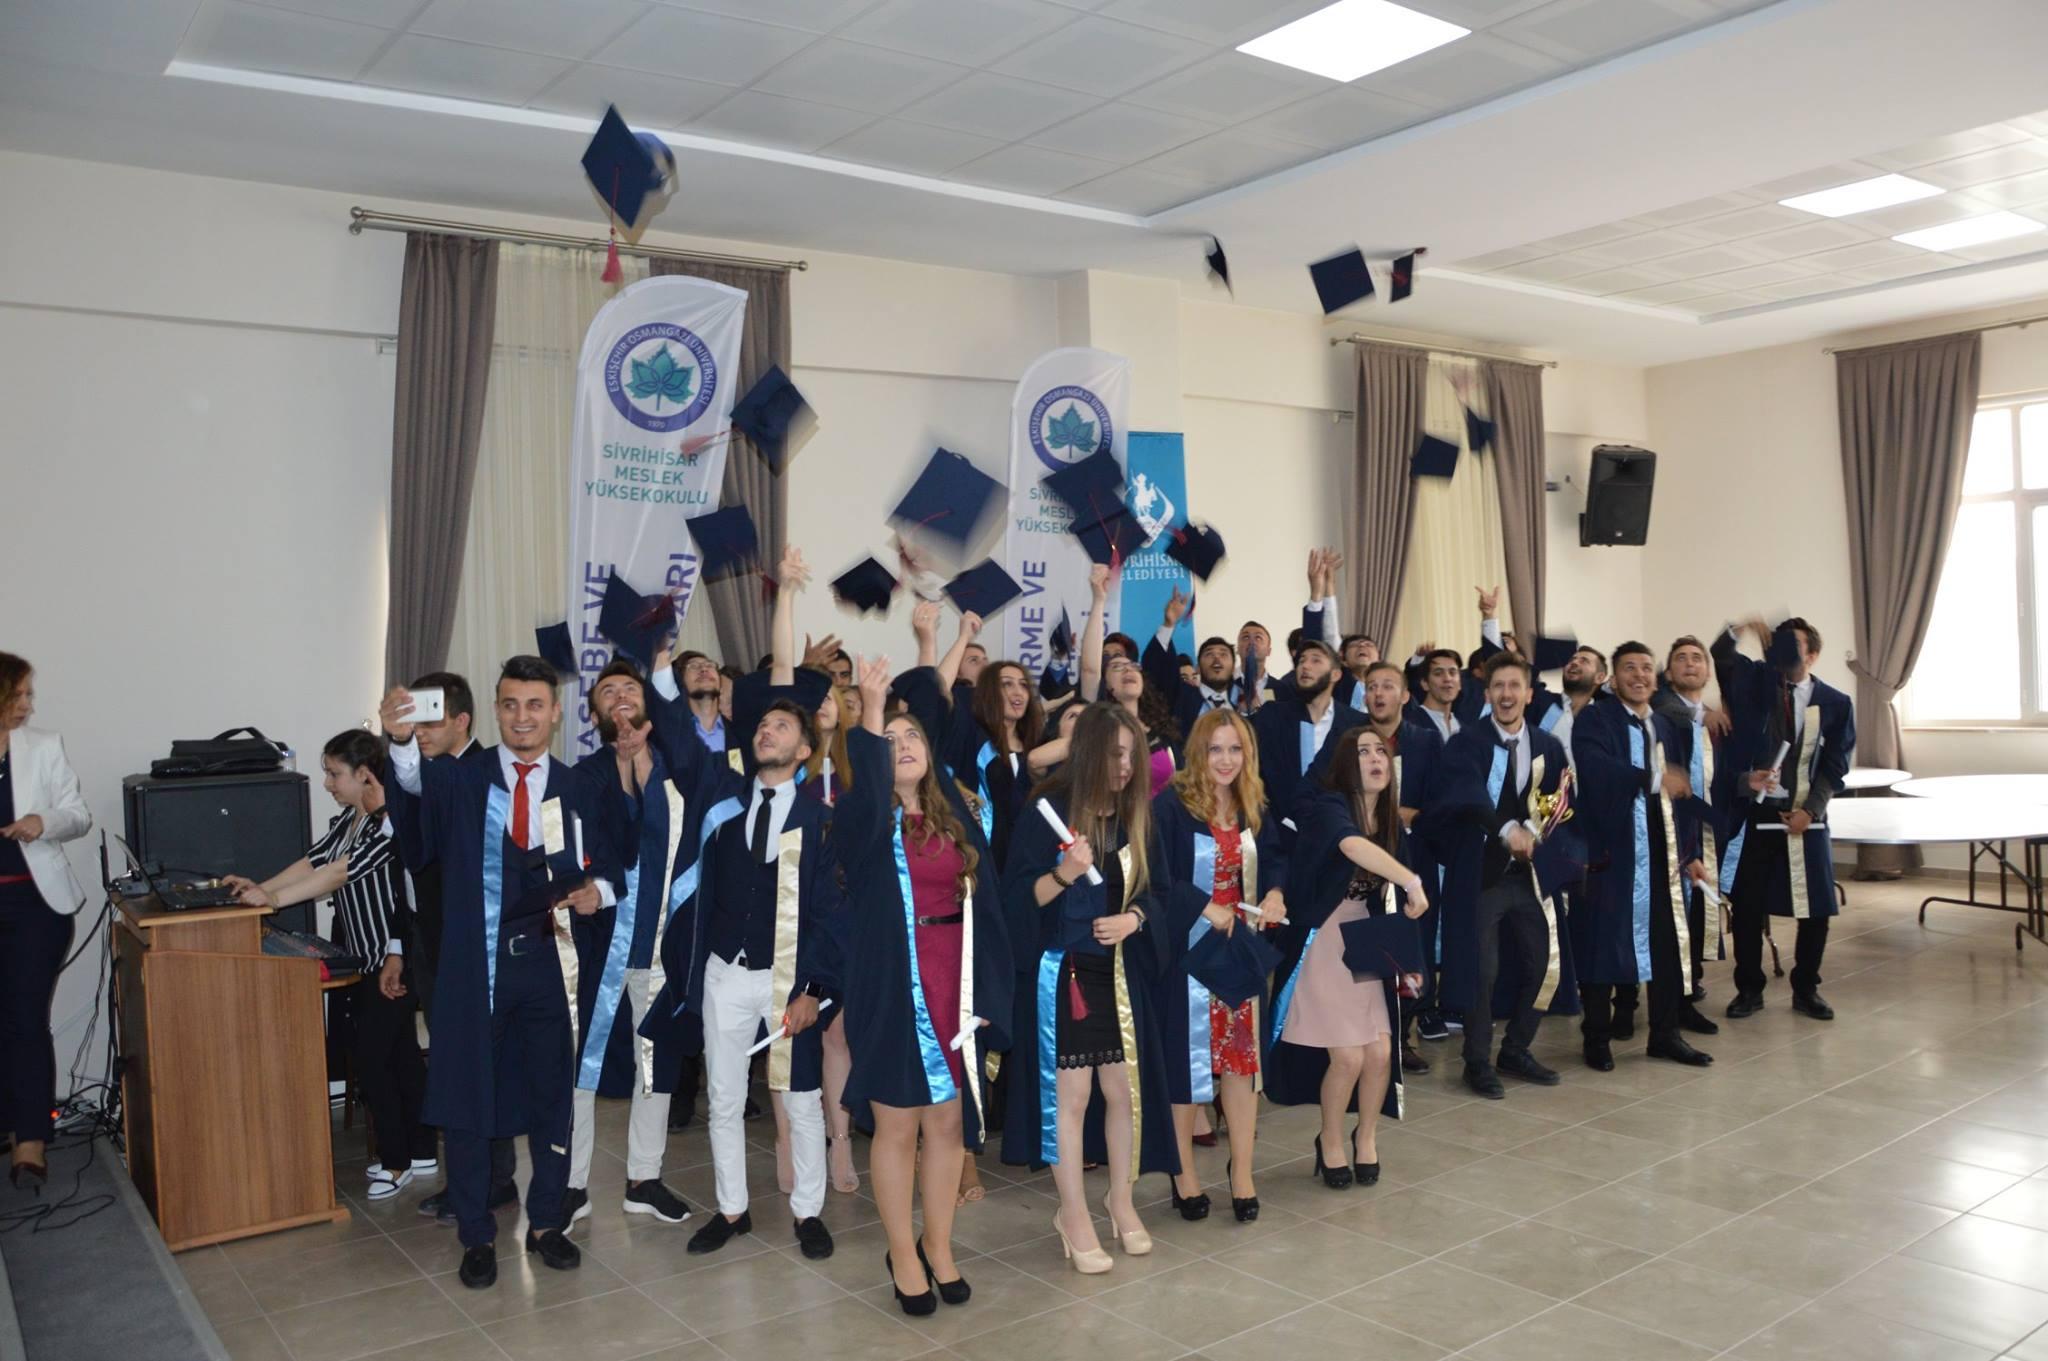 Osmangazi Üniversitesi Sivrihisar Meslek Yüksek Okulu Mezuniyet Töreni Sivrihisar Belediyesi Konferans Salonunda Gerçekleşti.